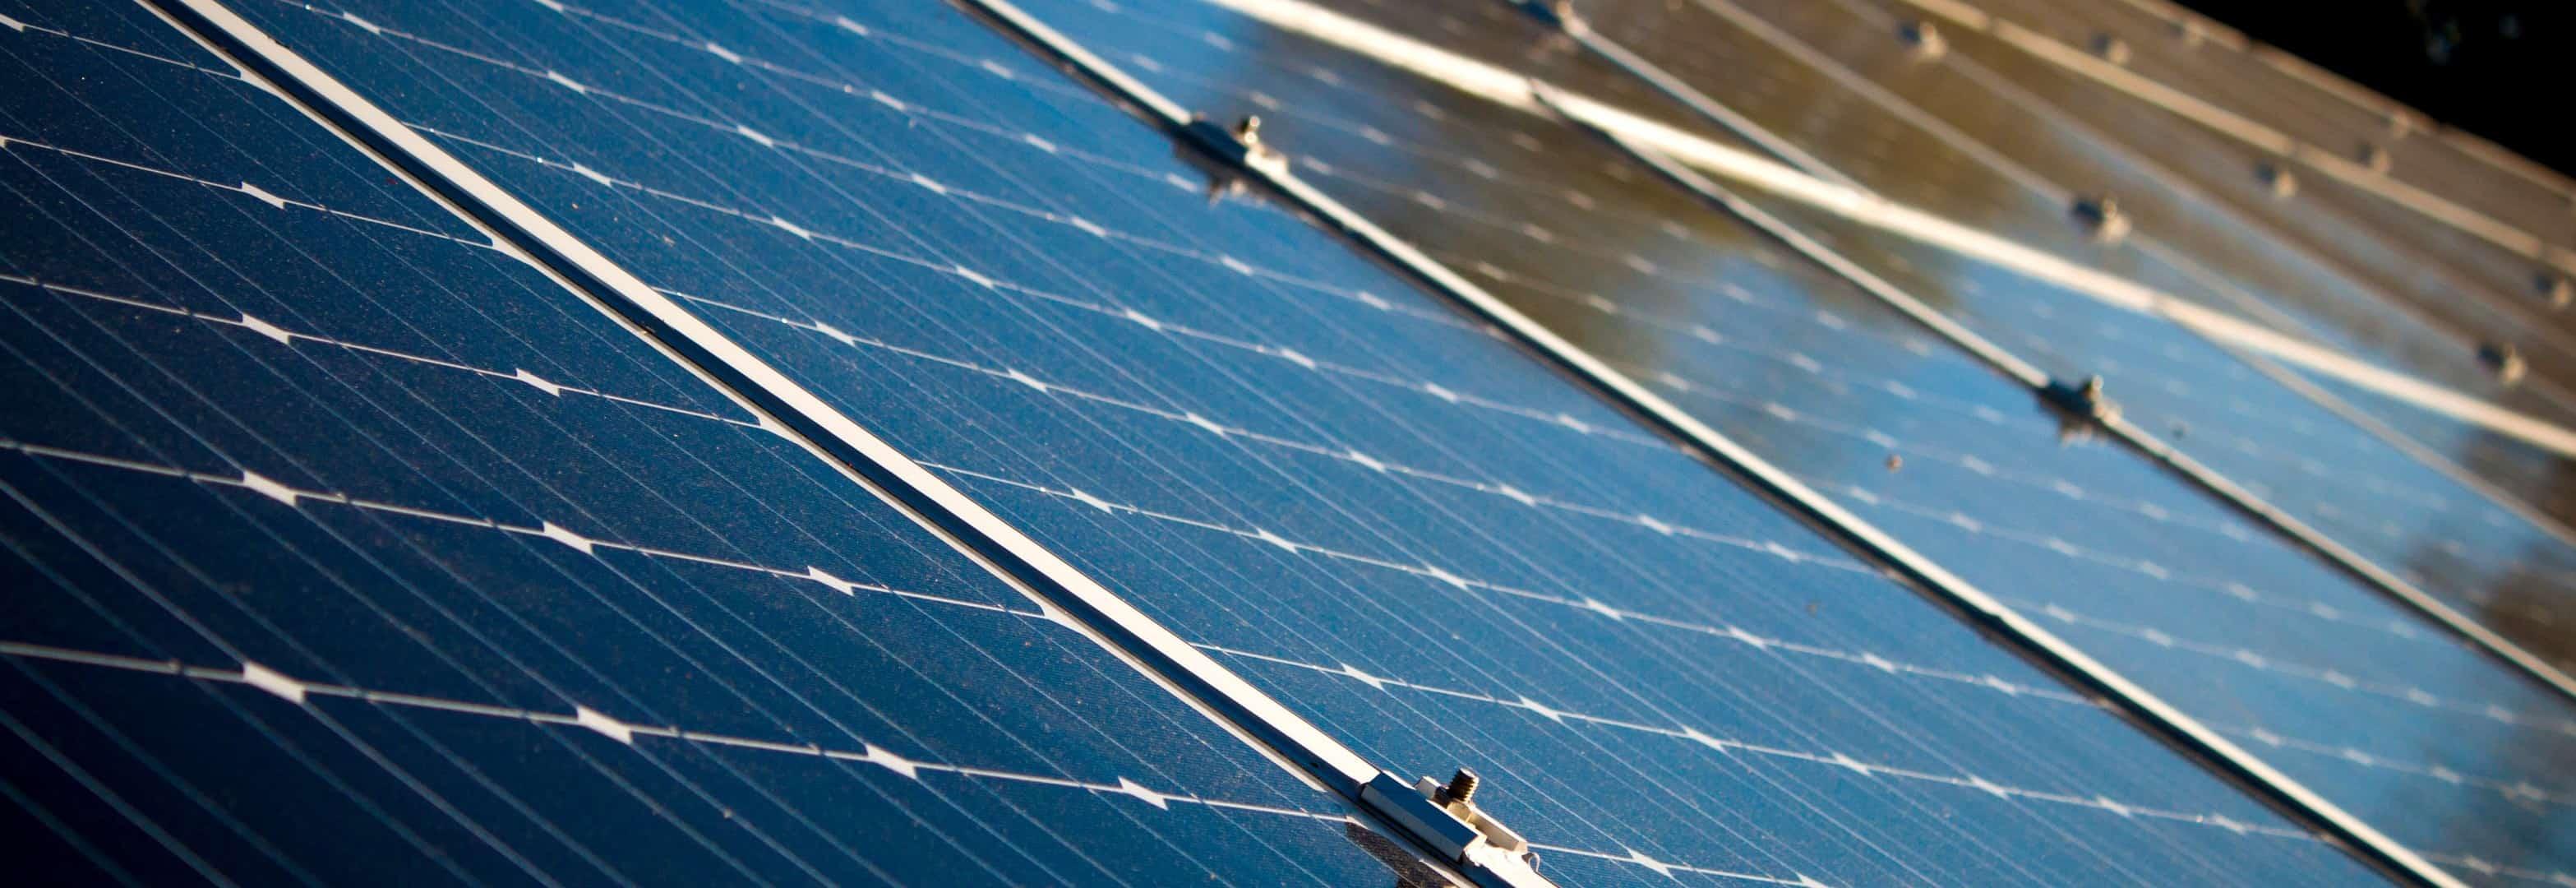 מערכות-סולאריות לייצור חשמל